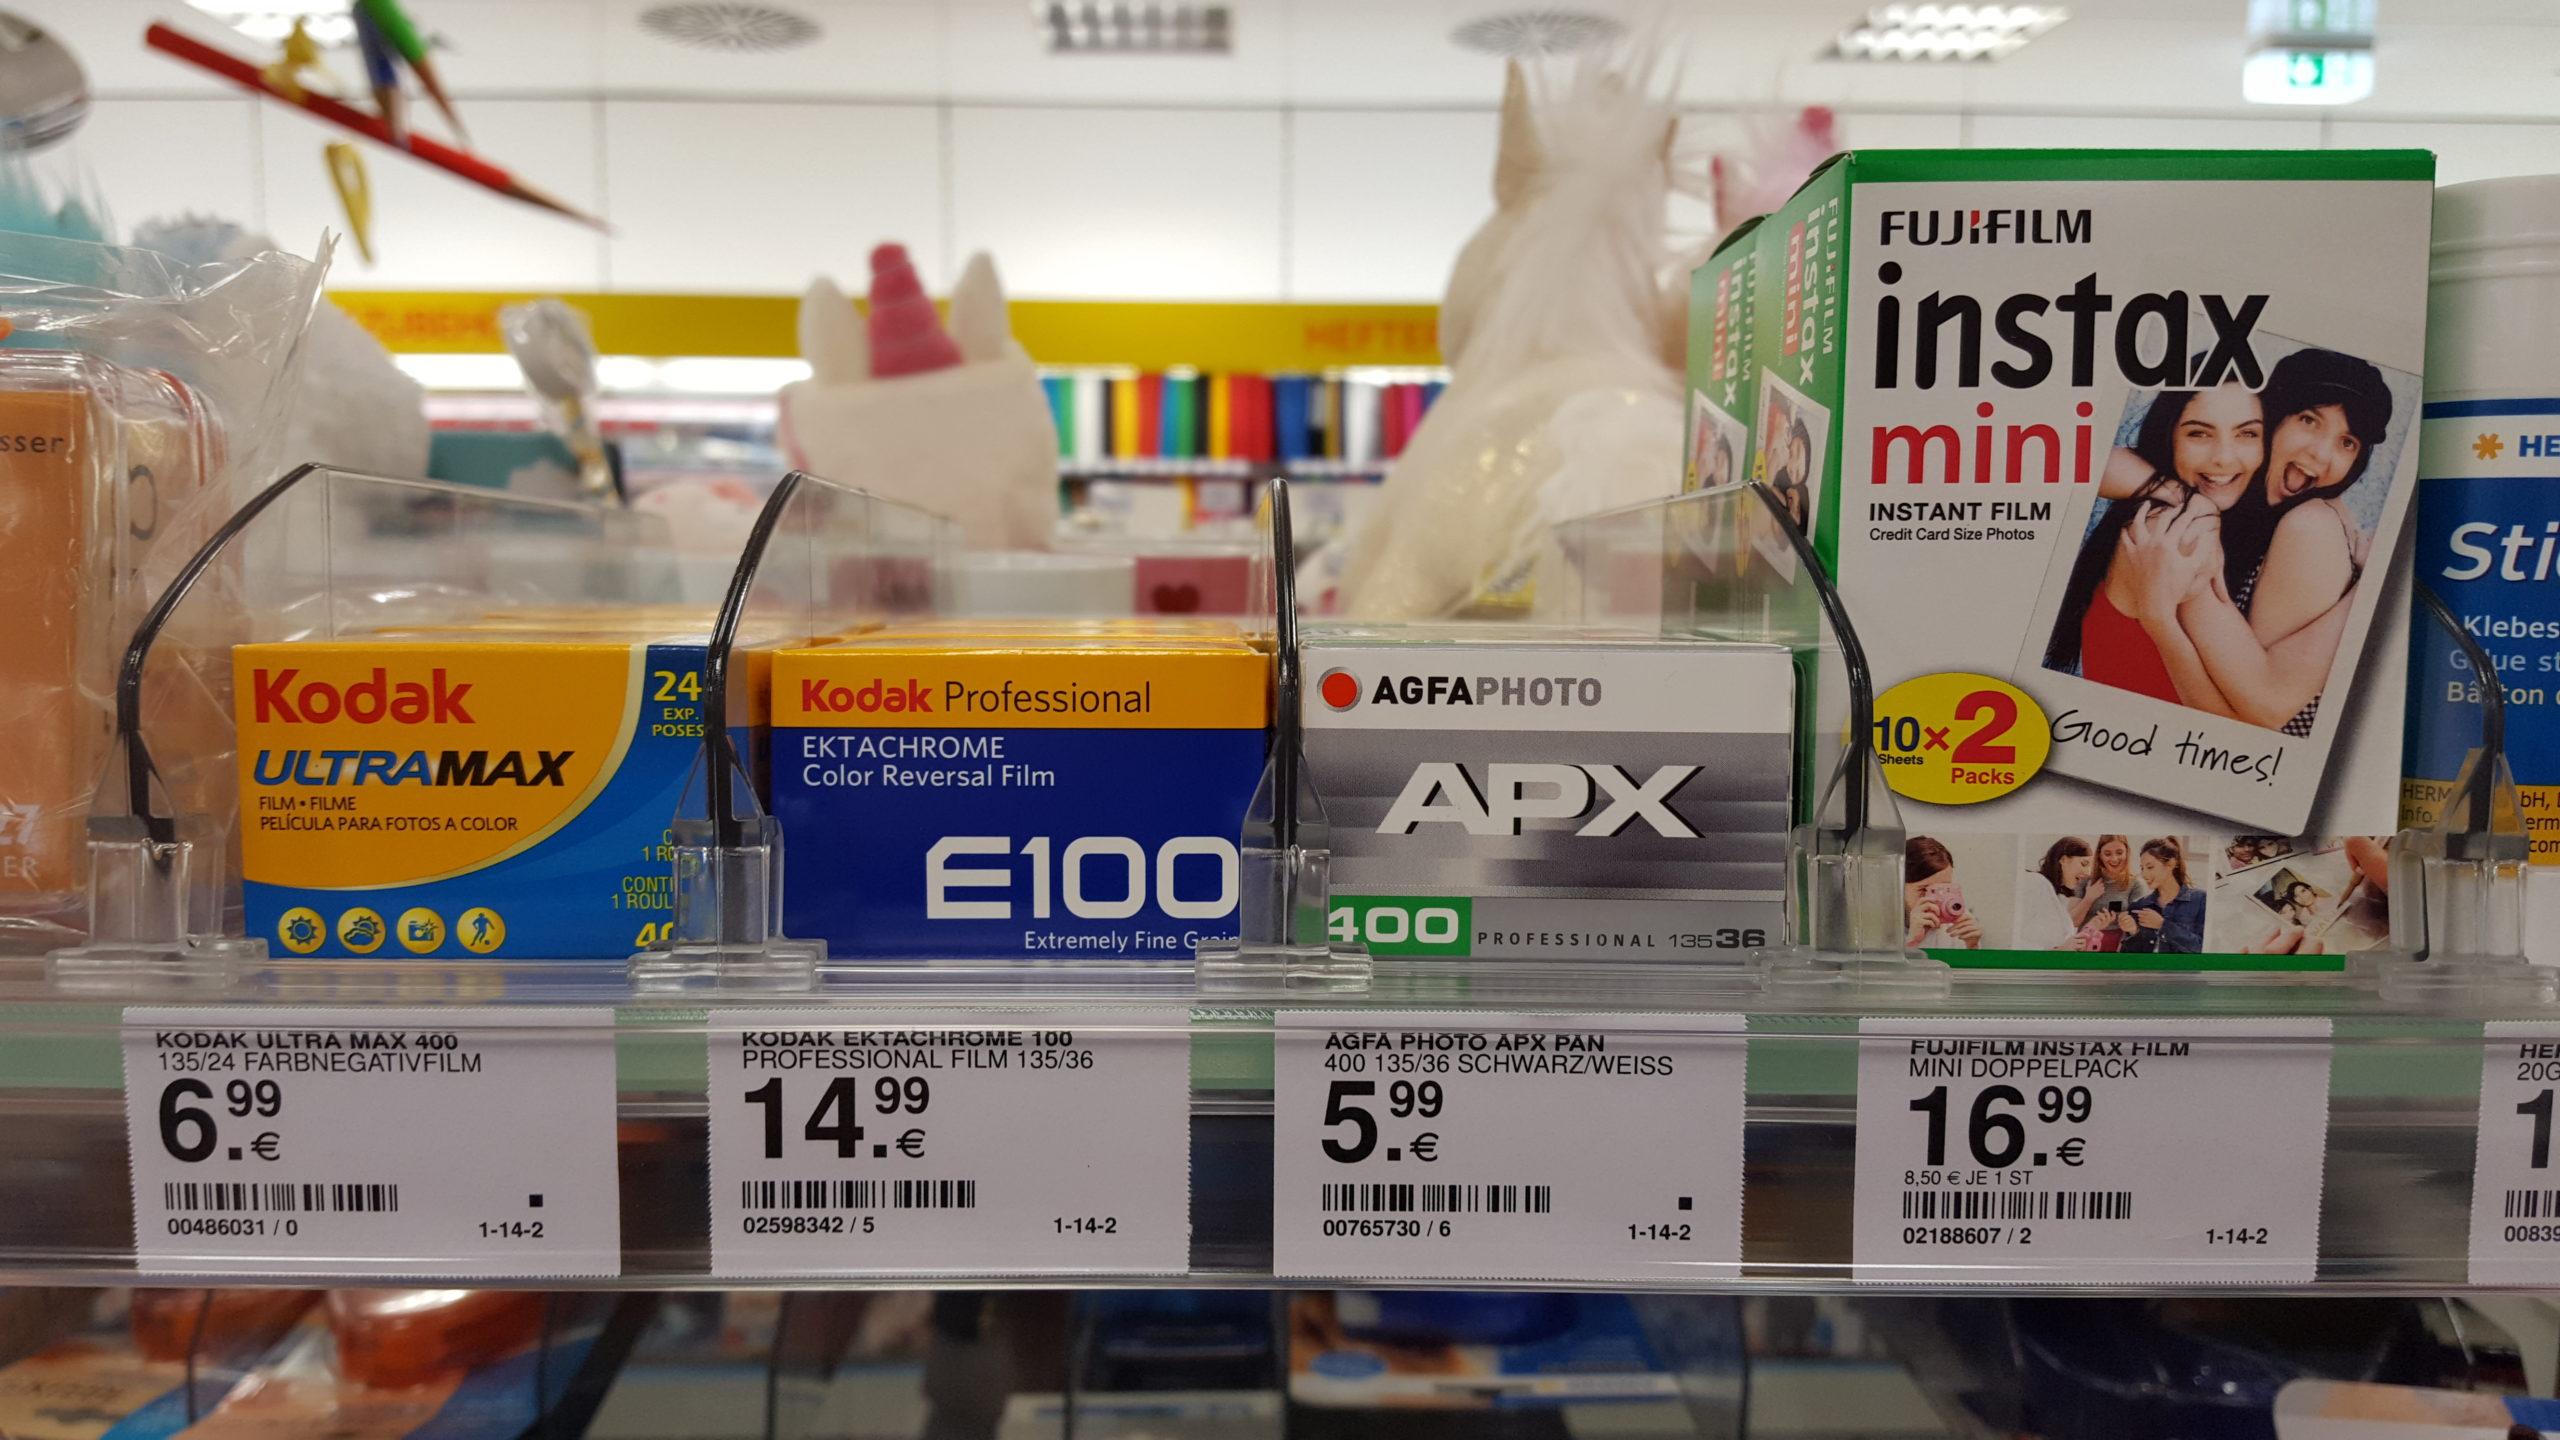 Filmregal im Müller Drogeriemarkt